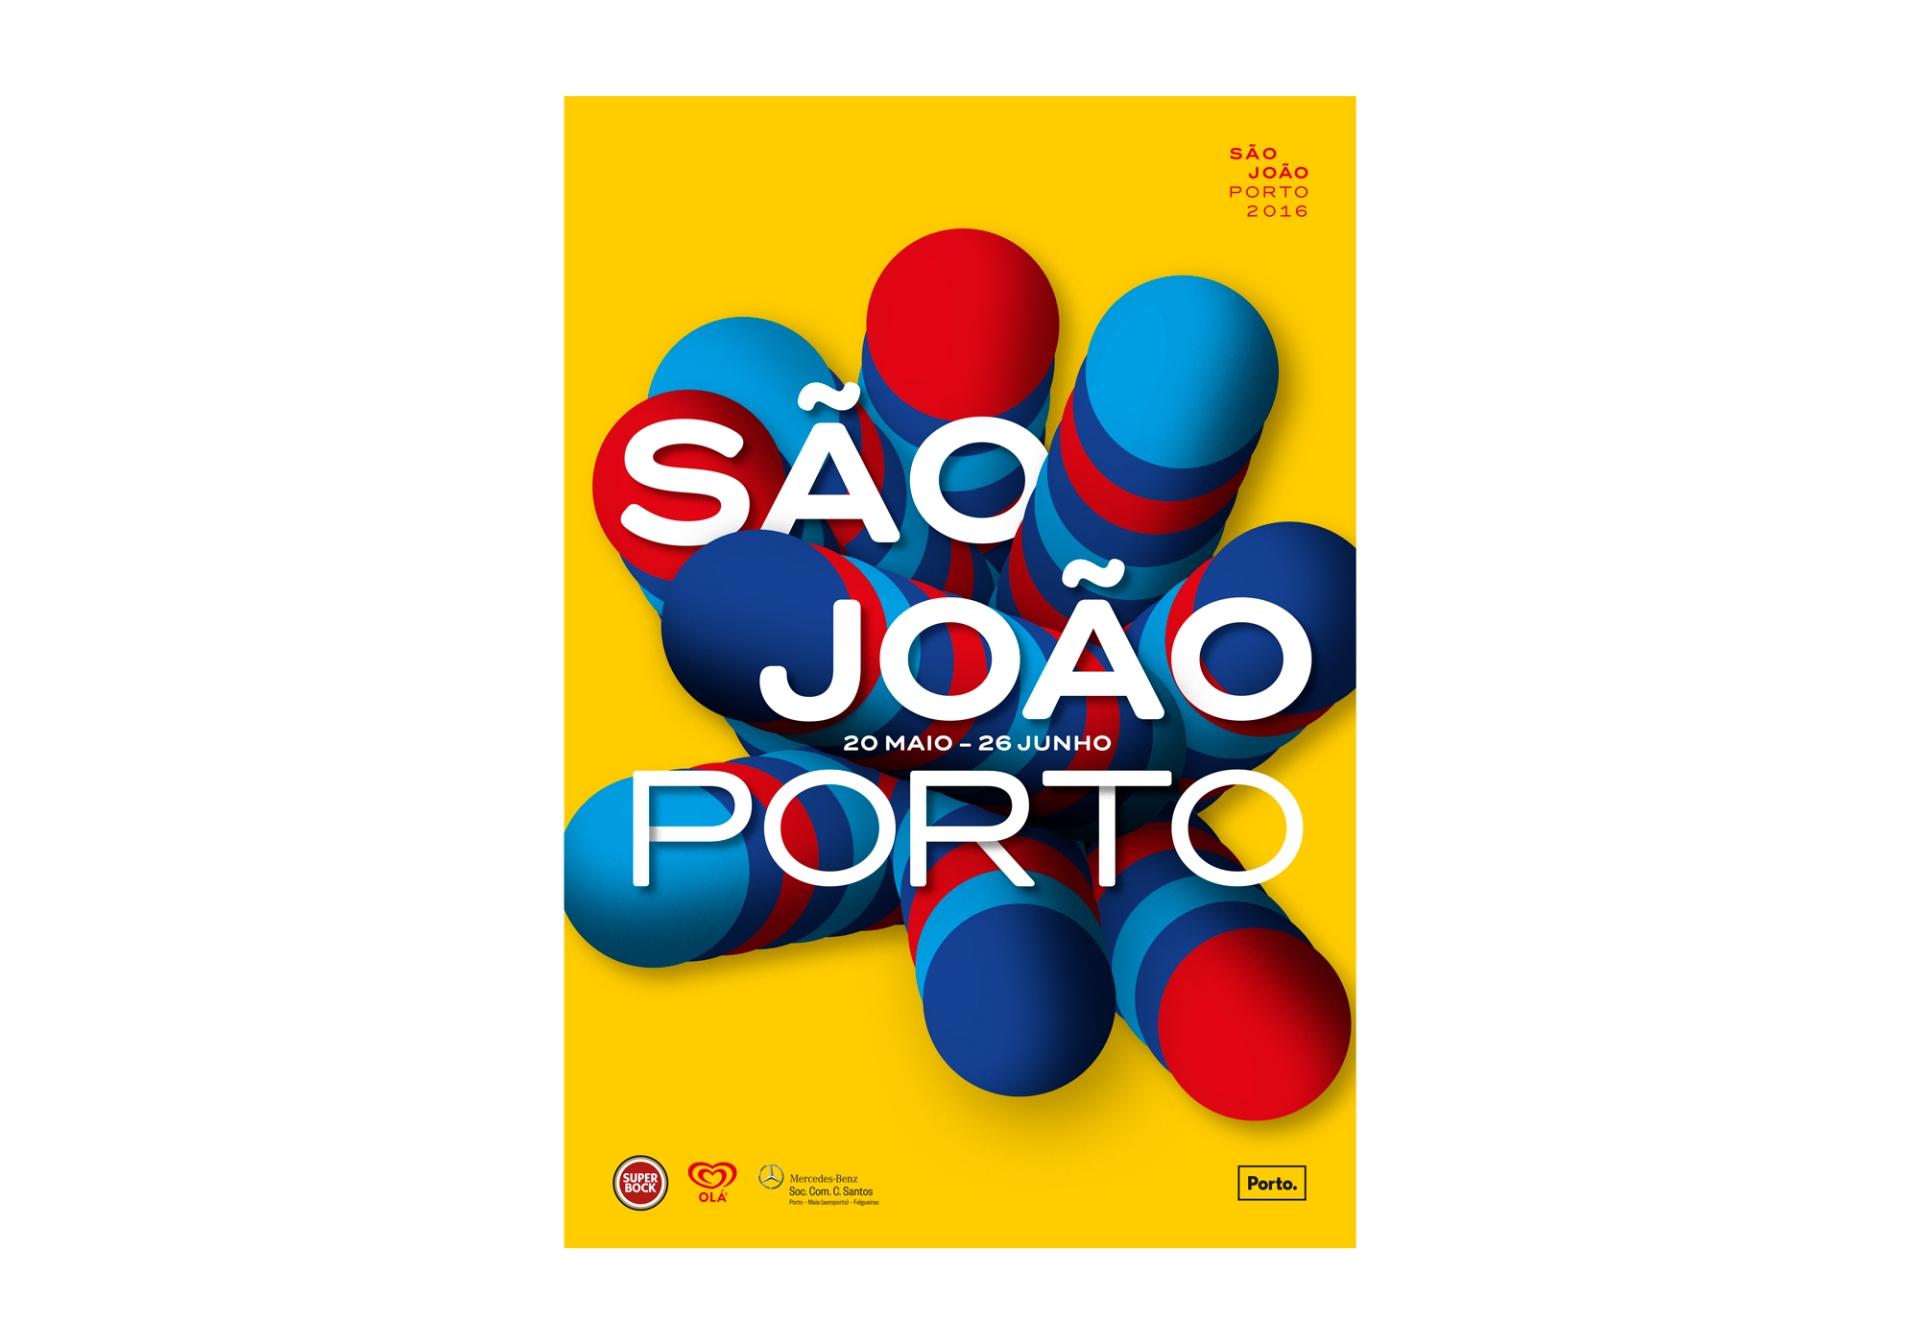 Festa de São João no Porto Image:6 SJoao_02